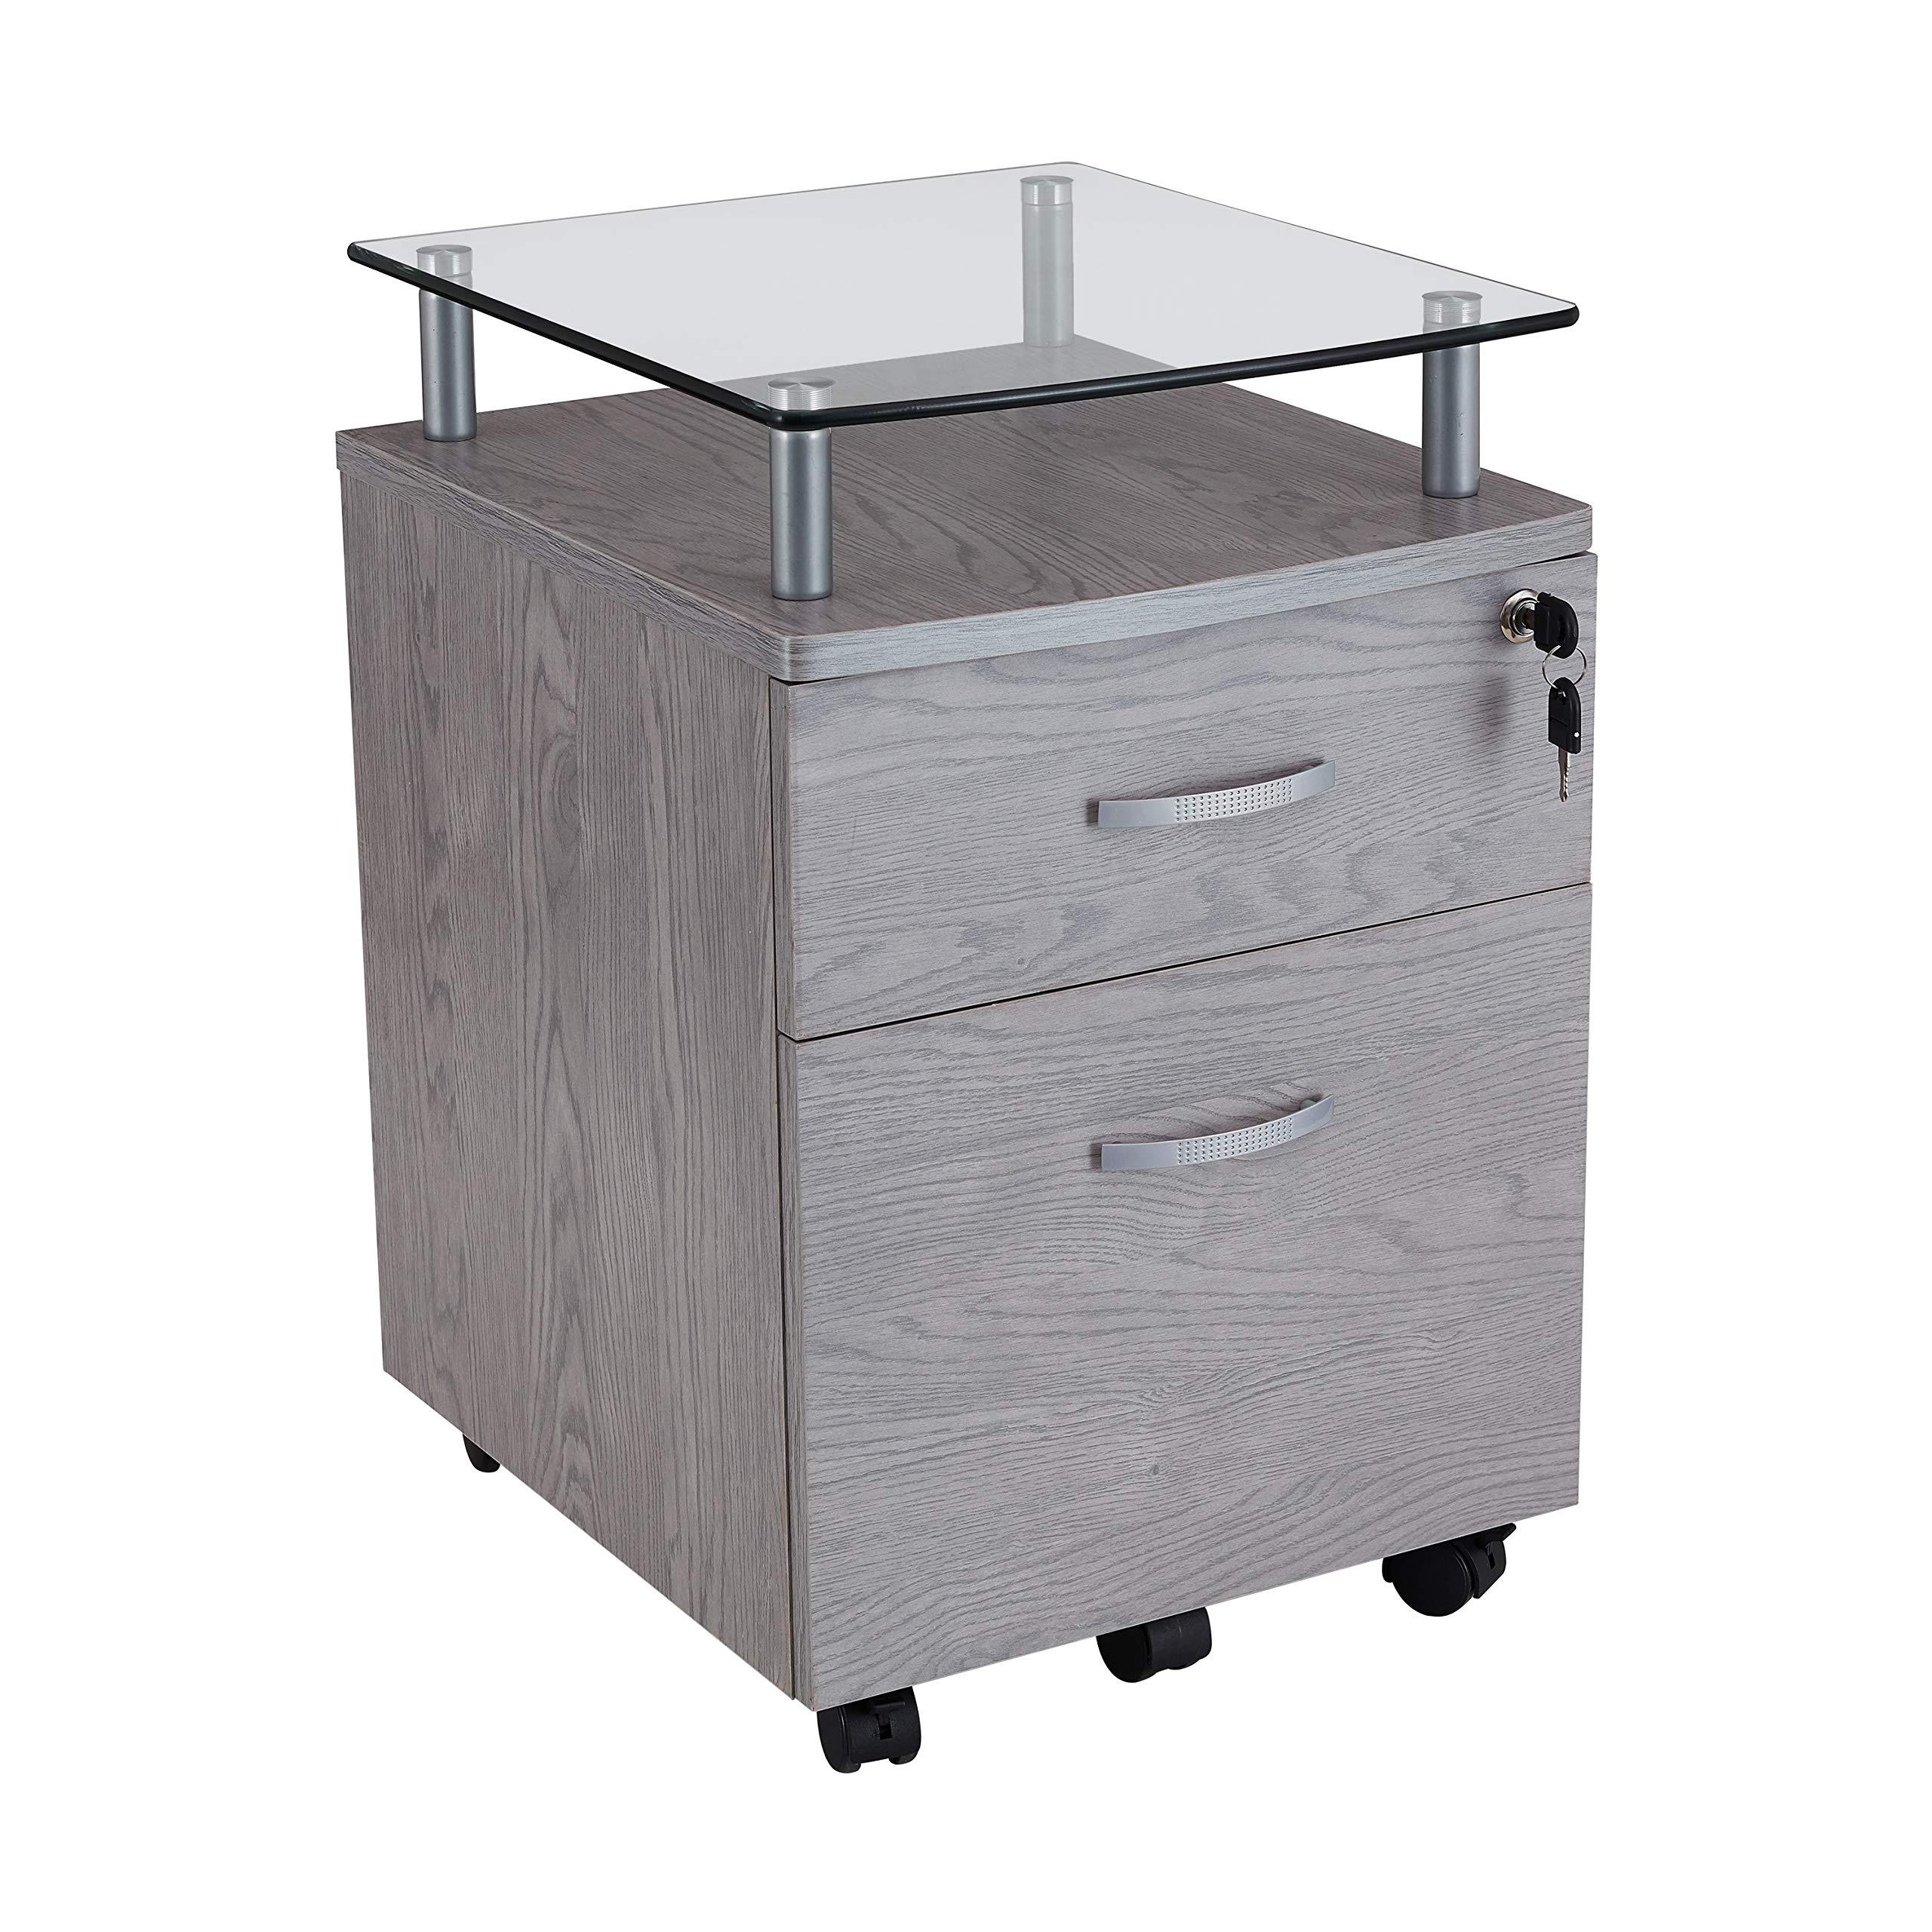 Techni Mobili Rollingg File Cabinet, Regular, gray by Techni Mobili